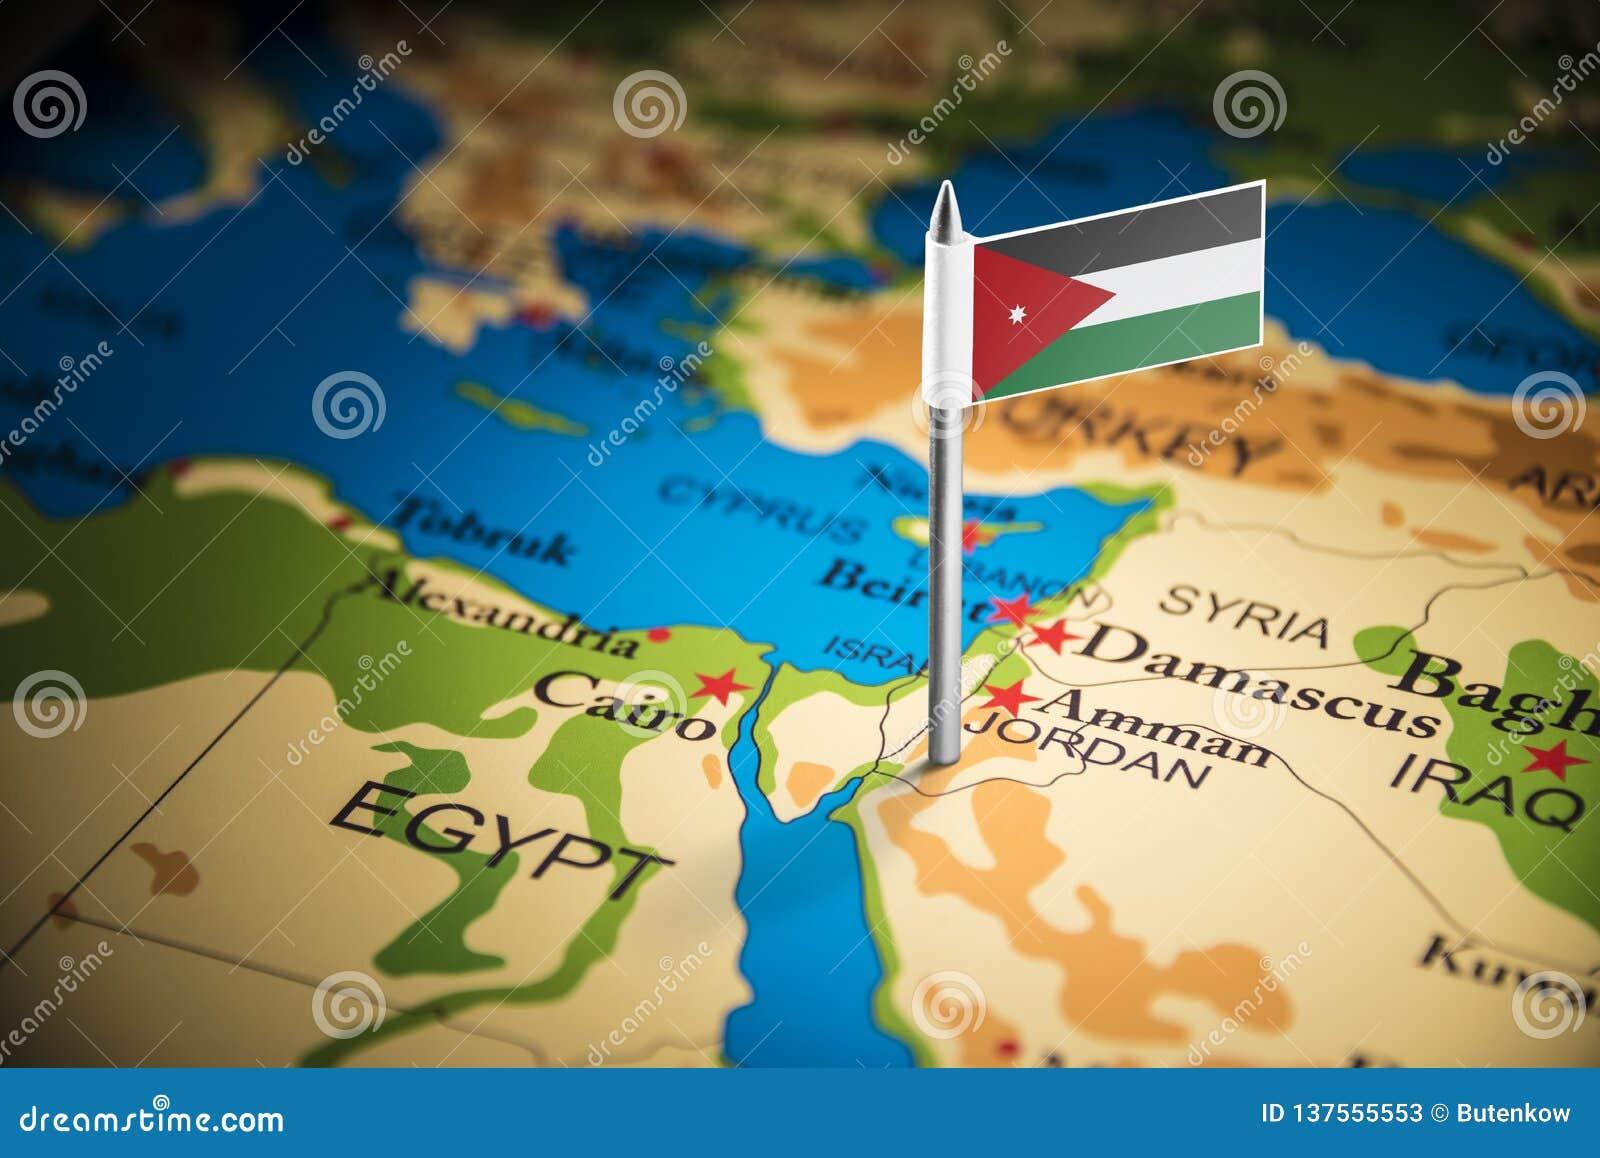 Jordanien markerade med en flagga på översikten